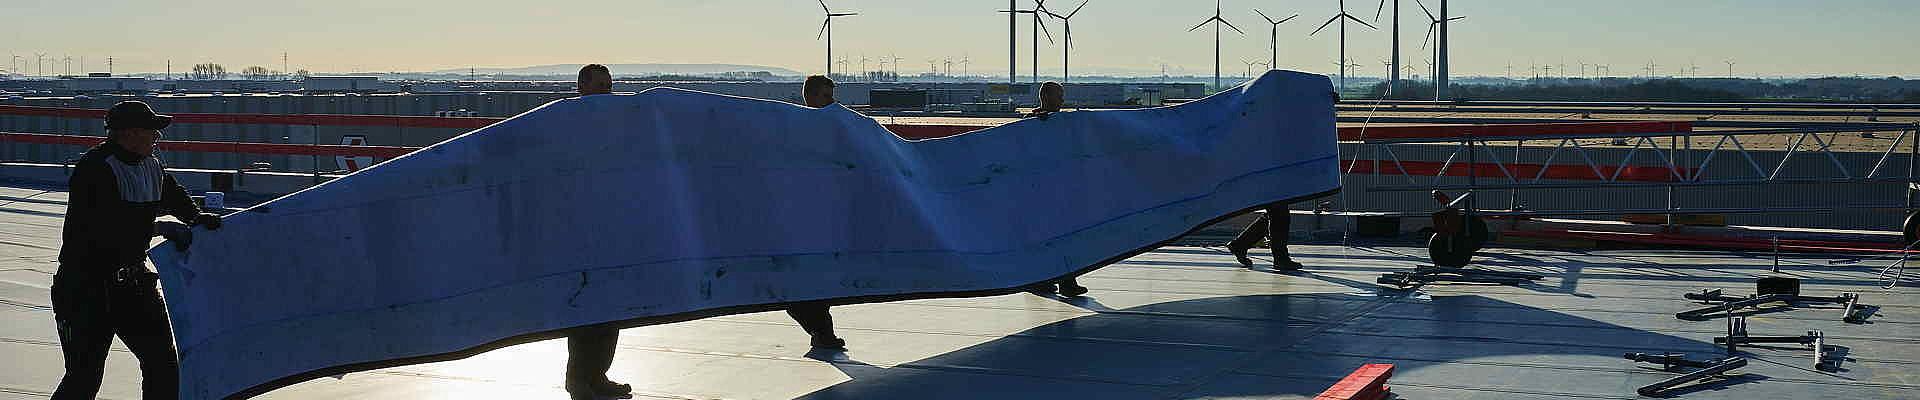 Eine Neueindichtung oder Dachabdichtung durch die Wierig GmbH wird in bester handwerklicher Qualität durchgeführt.